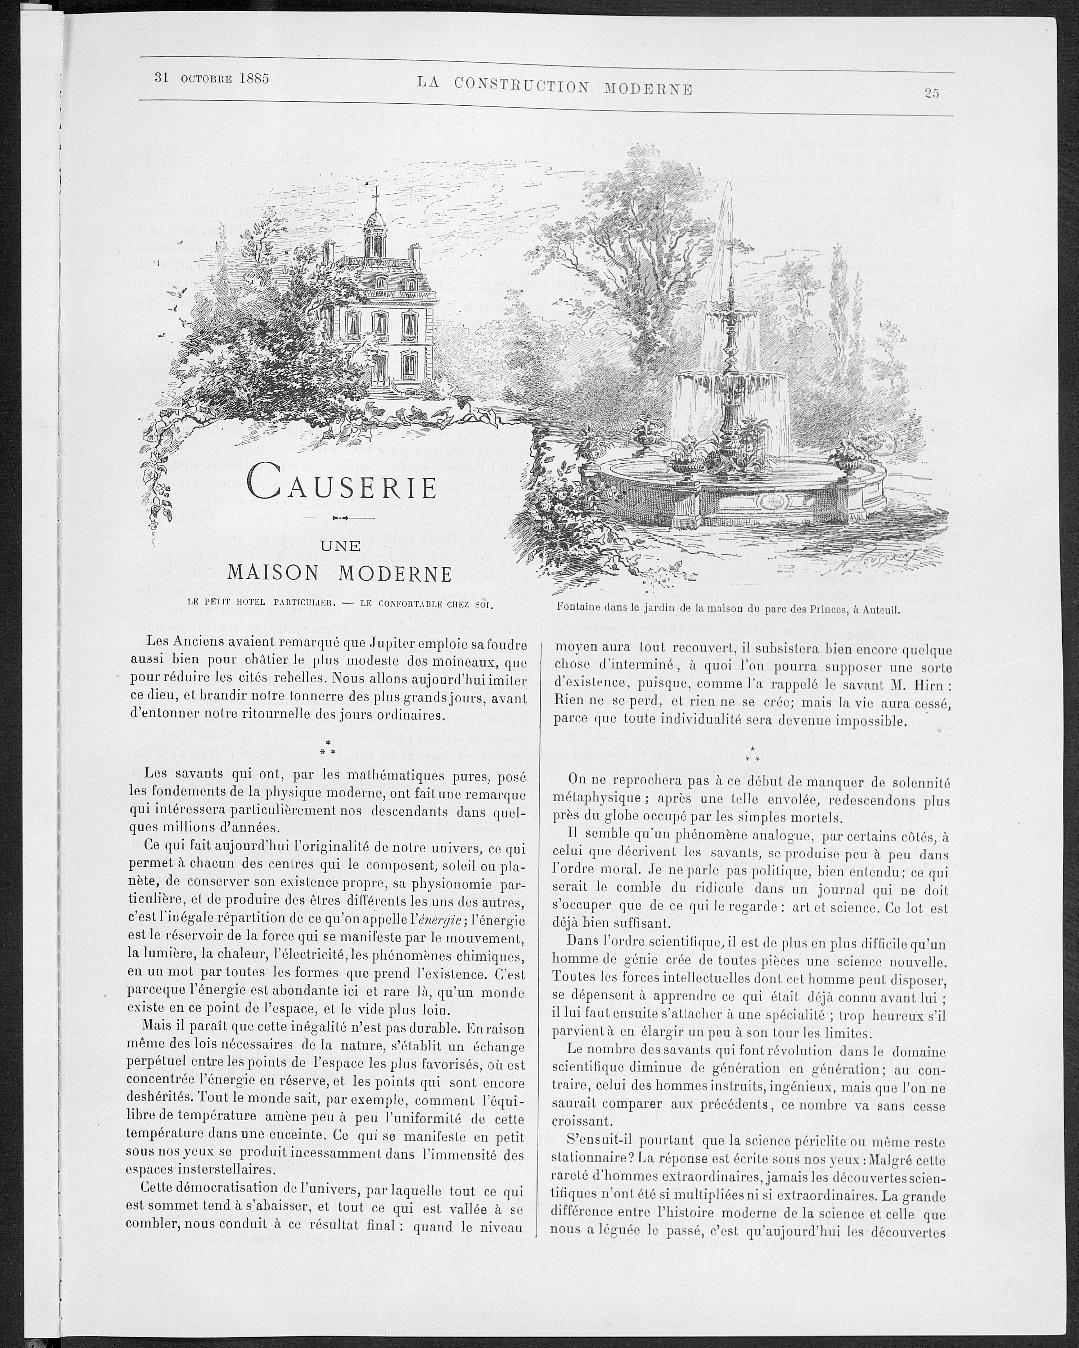 La Construction moderne, no. 3, 1885 |